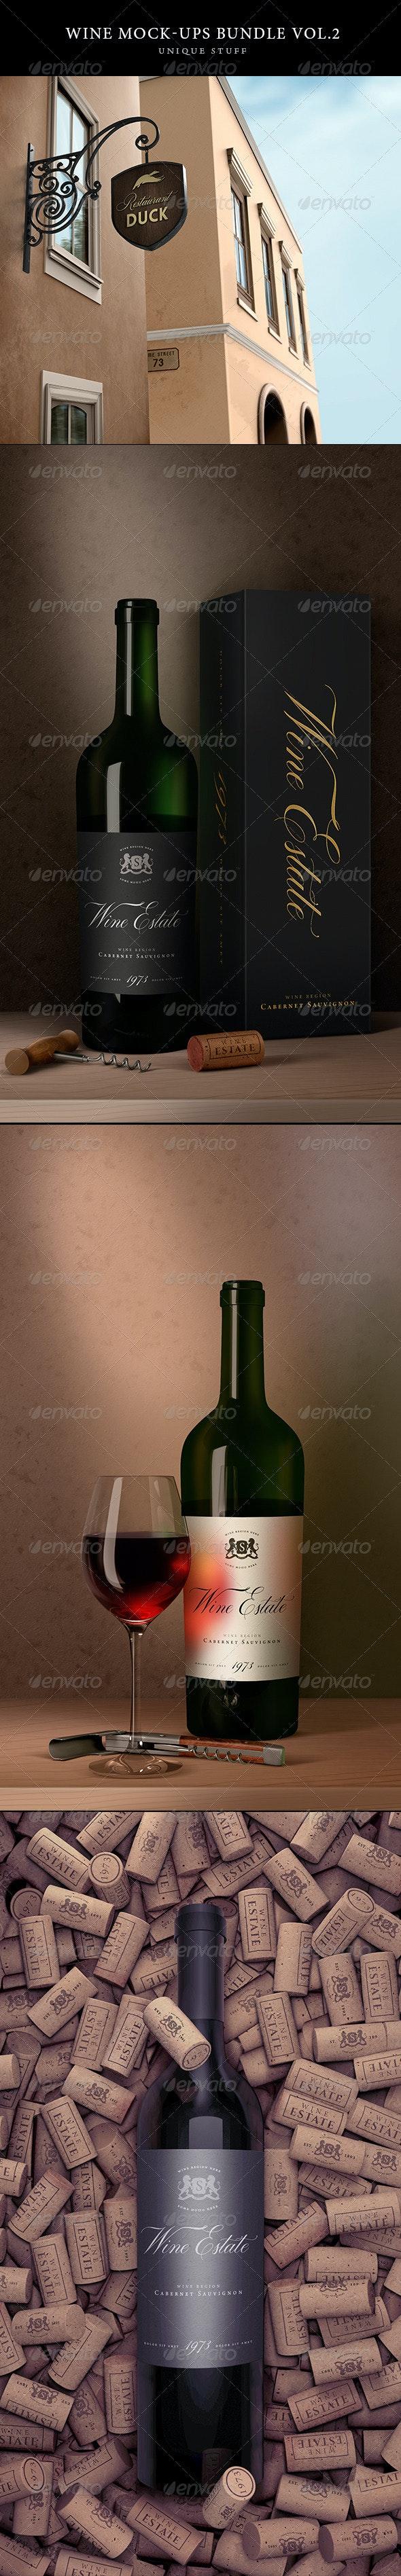 Wine Branding Bundle Vol.2 - Food and Drink Packaging